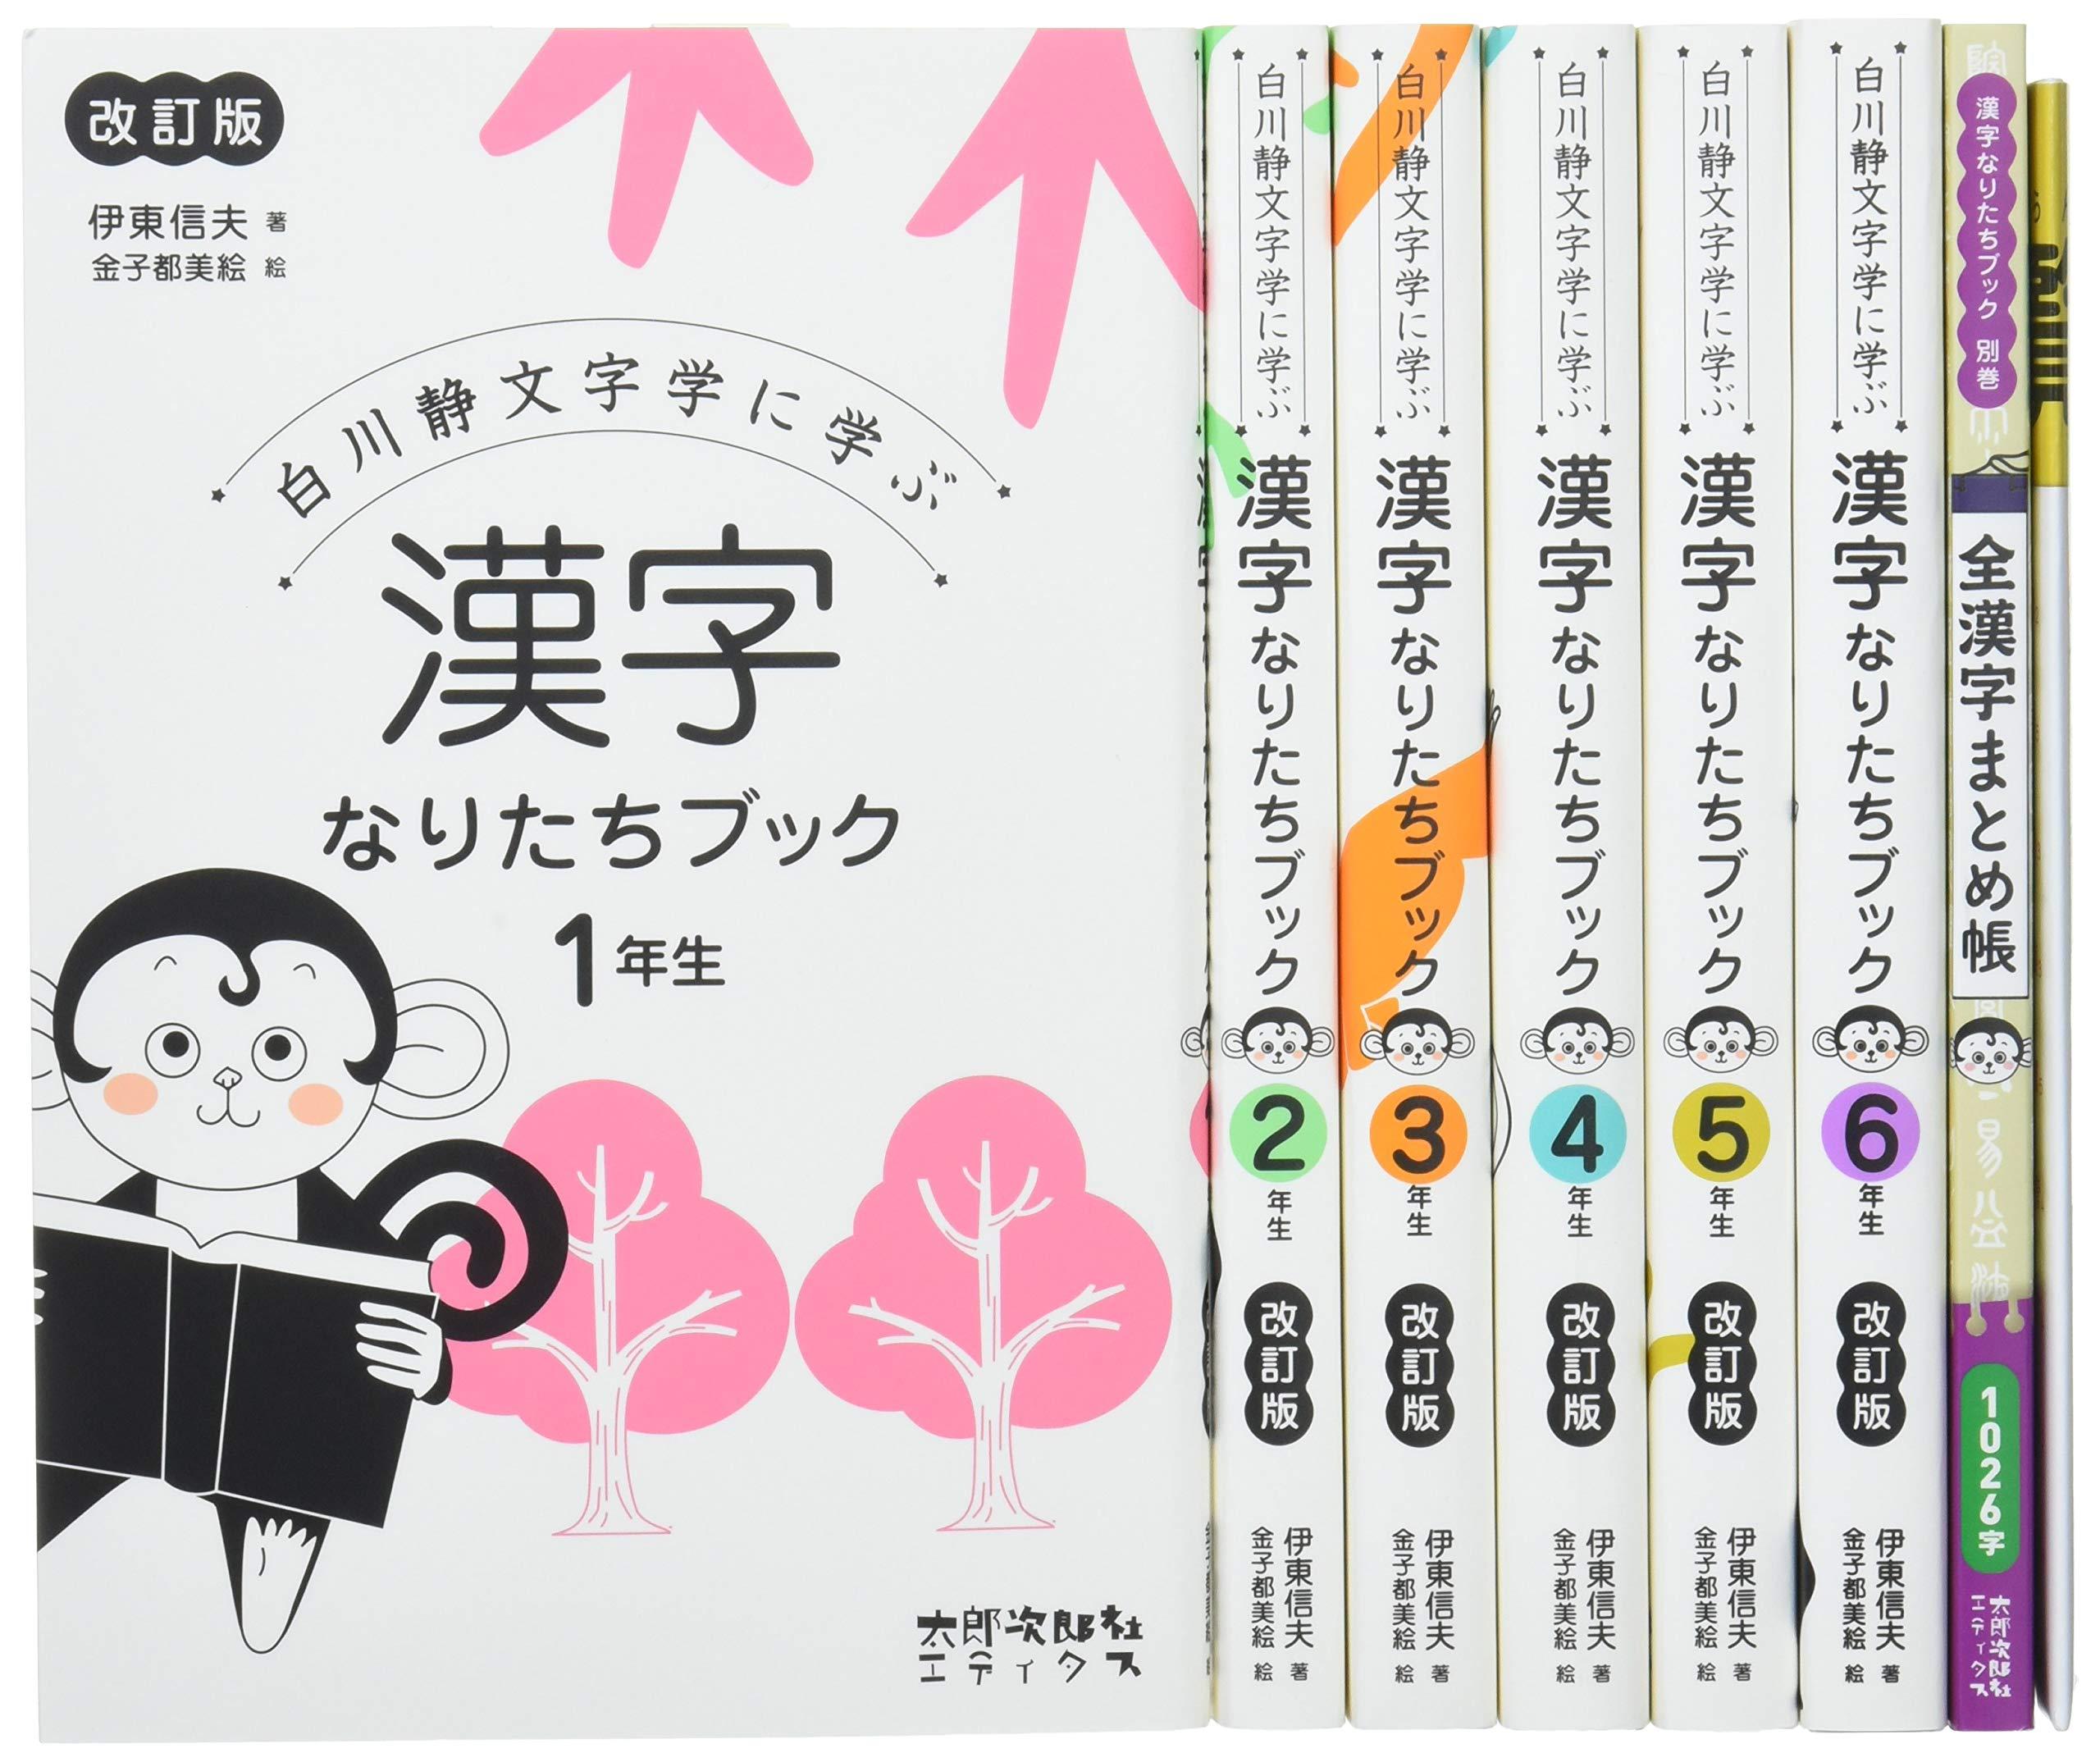 白川静文字学に学ぶ 漢字なりたちブック[改訂版]全7巻セット | 伊東 ...